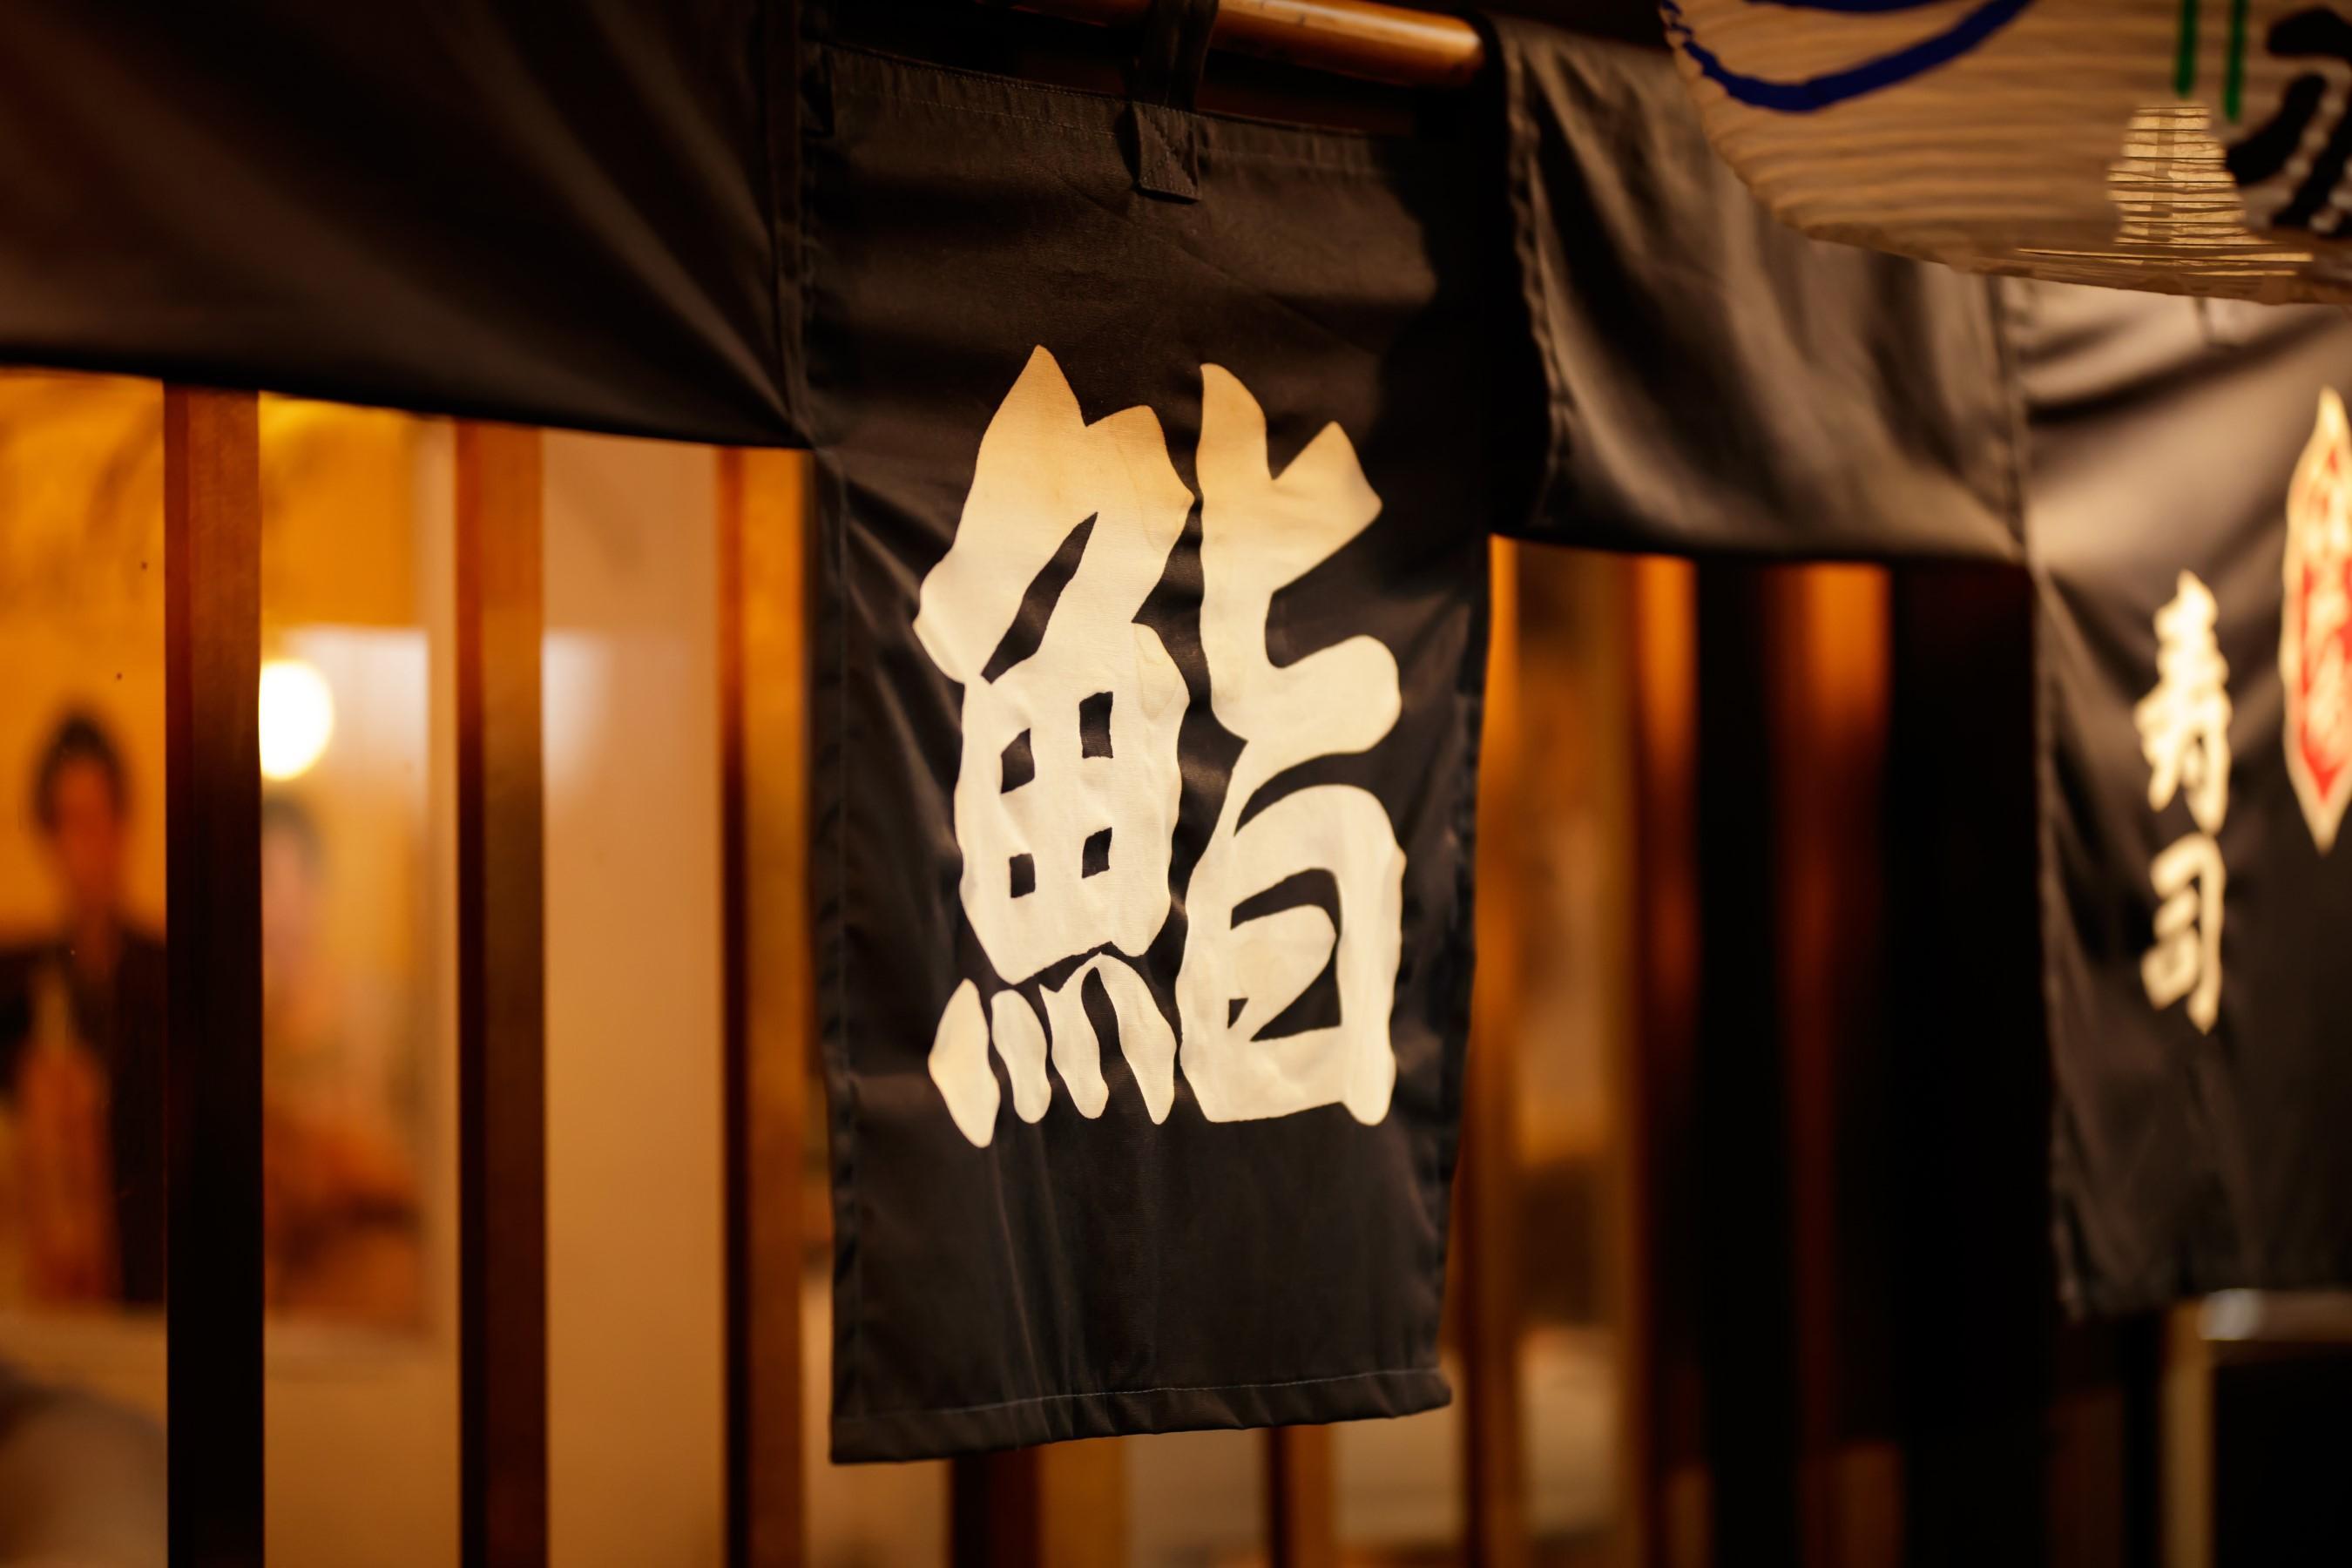 寿司ブームの先駆けとなったカウンター寿司屋